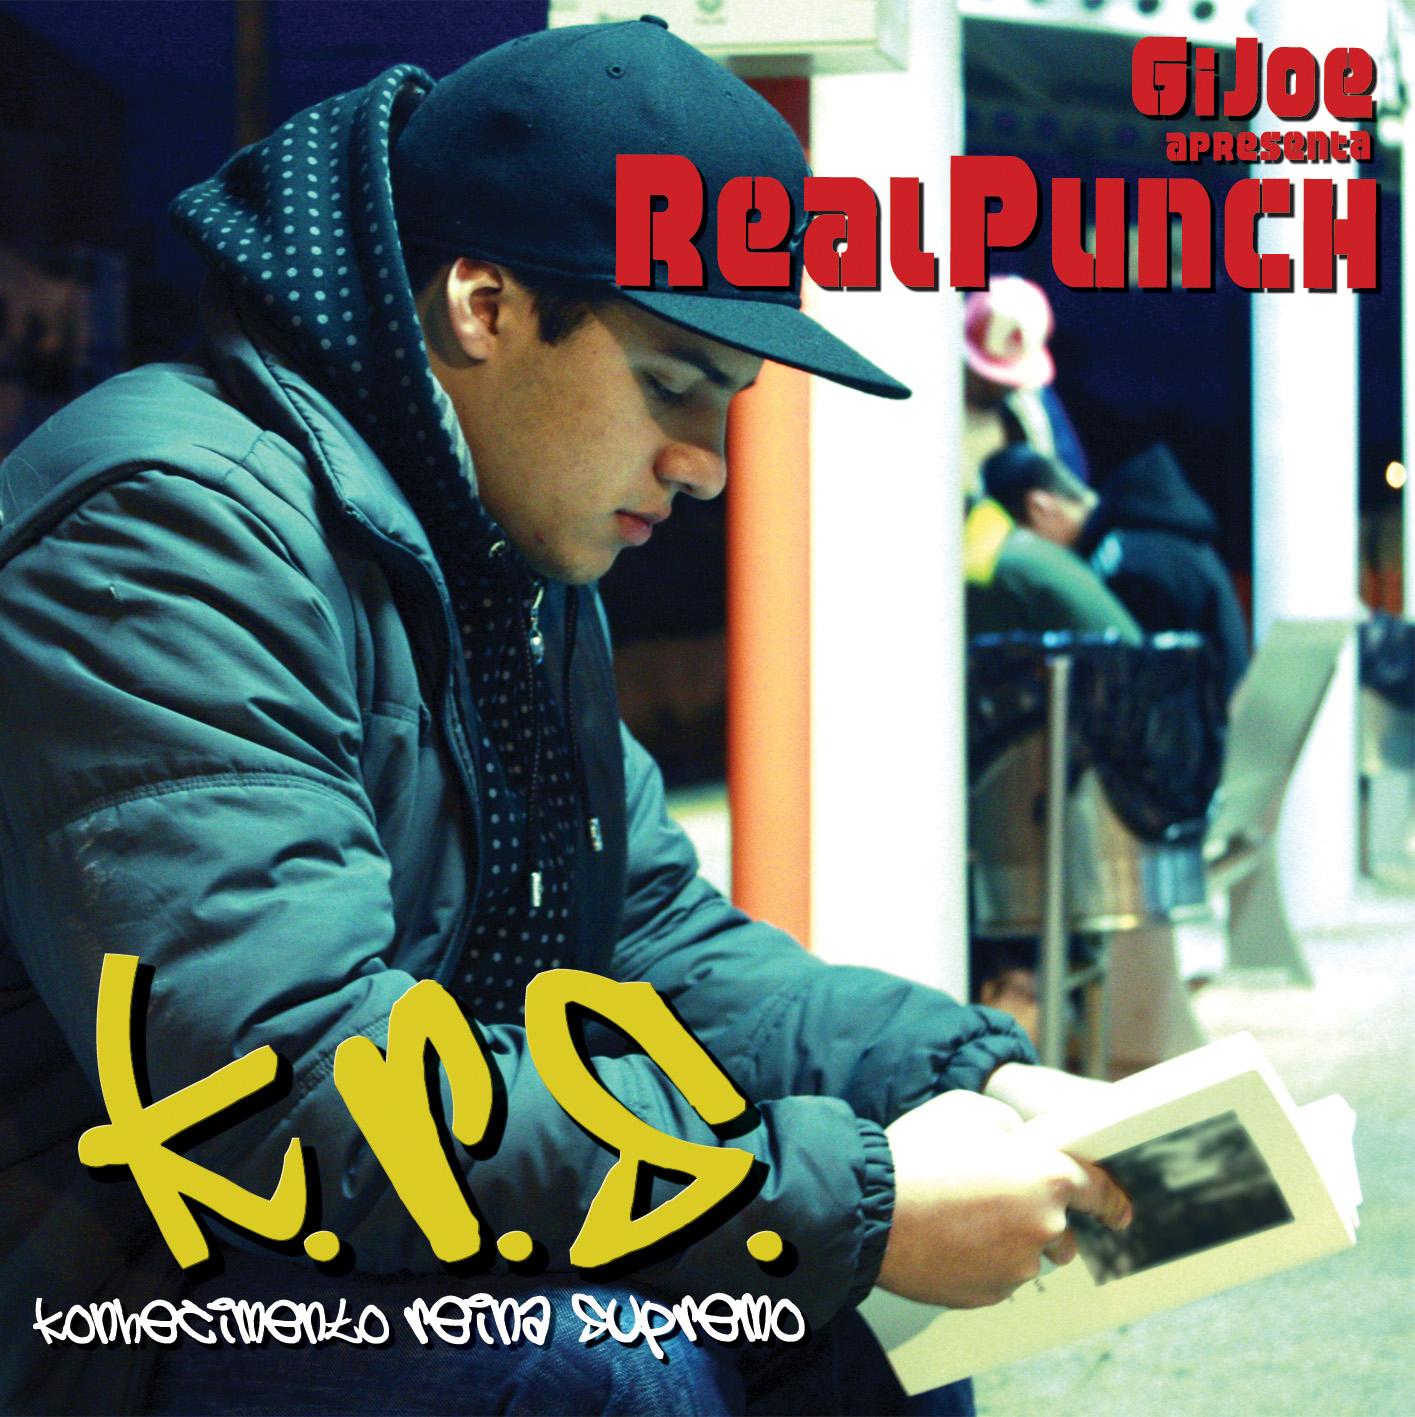 RealPunch em entrevista à Zona Hip-Hop Tuga